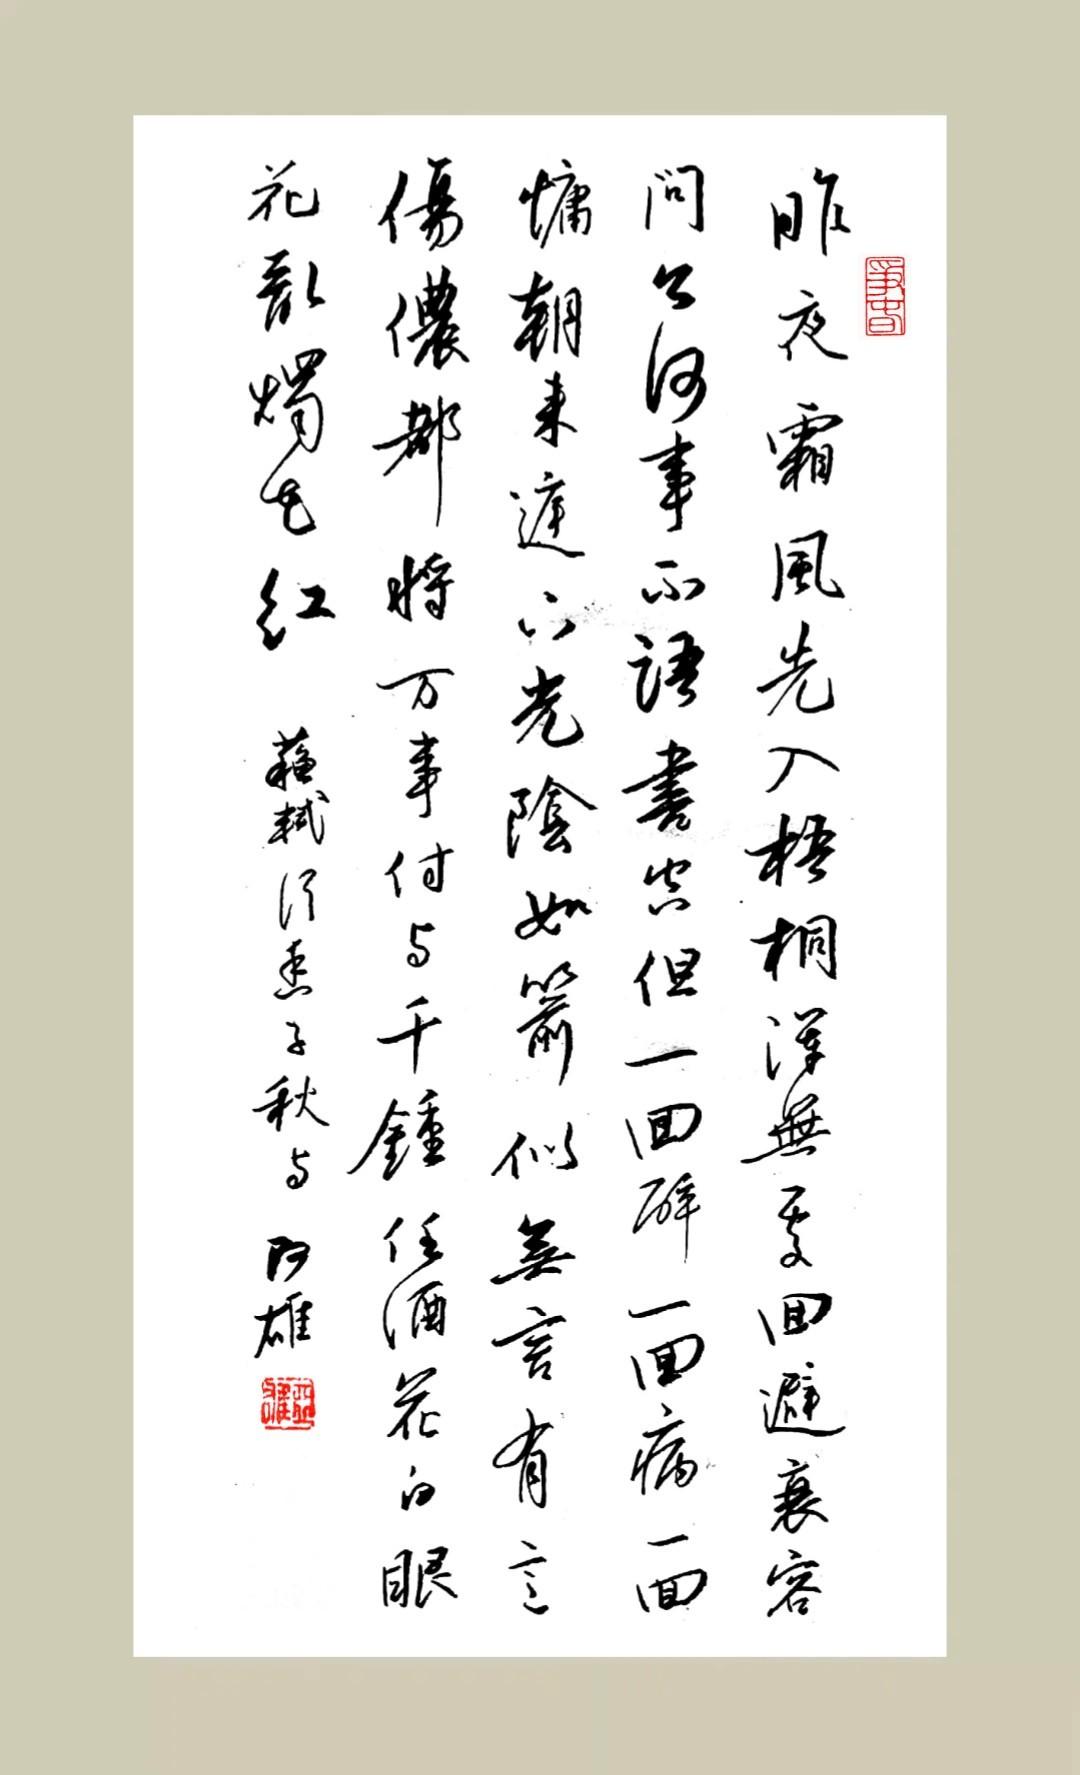 钢笔字练字打卡20201013-11